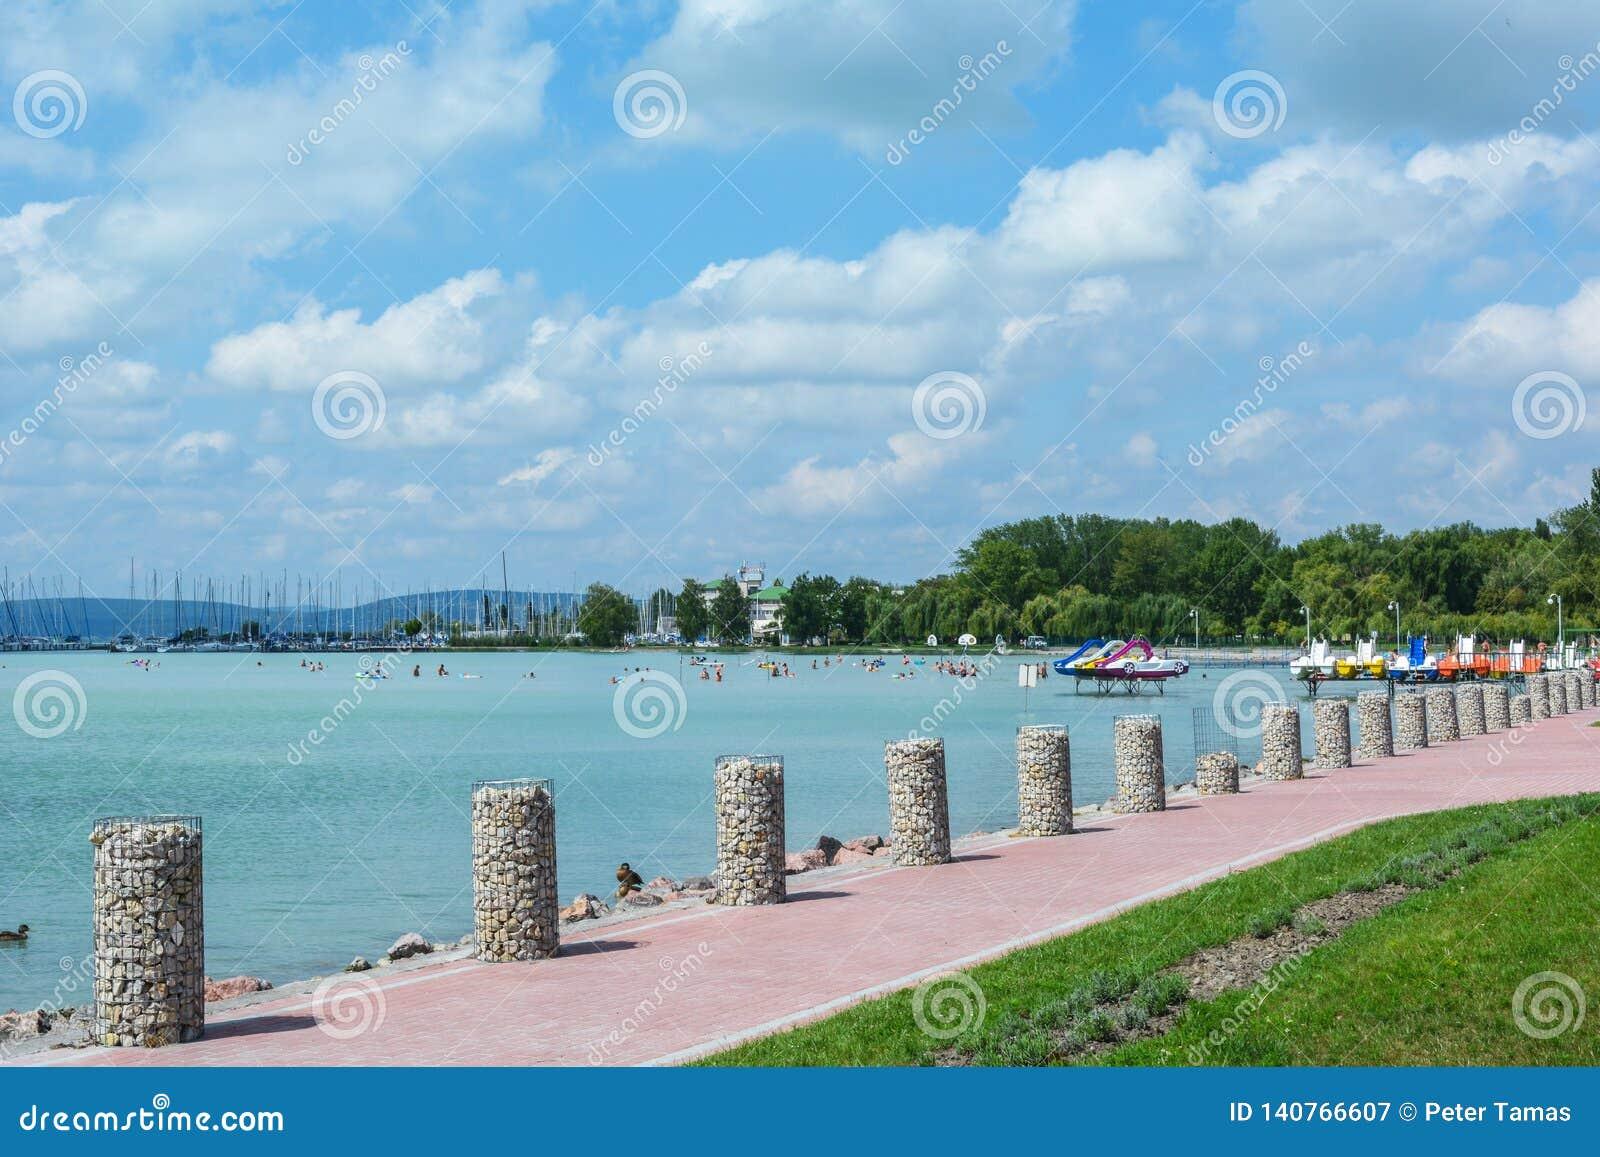 Όμορφη παραλία με τις πλέοντας βάρκες και τις βάρκες κουπιών στη λίμνη Balaton